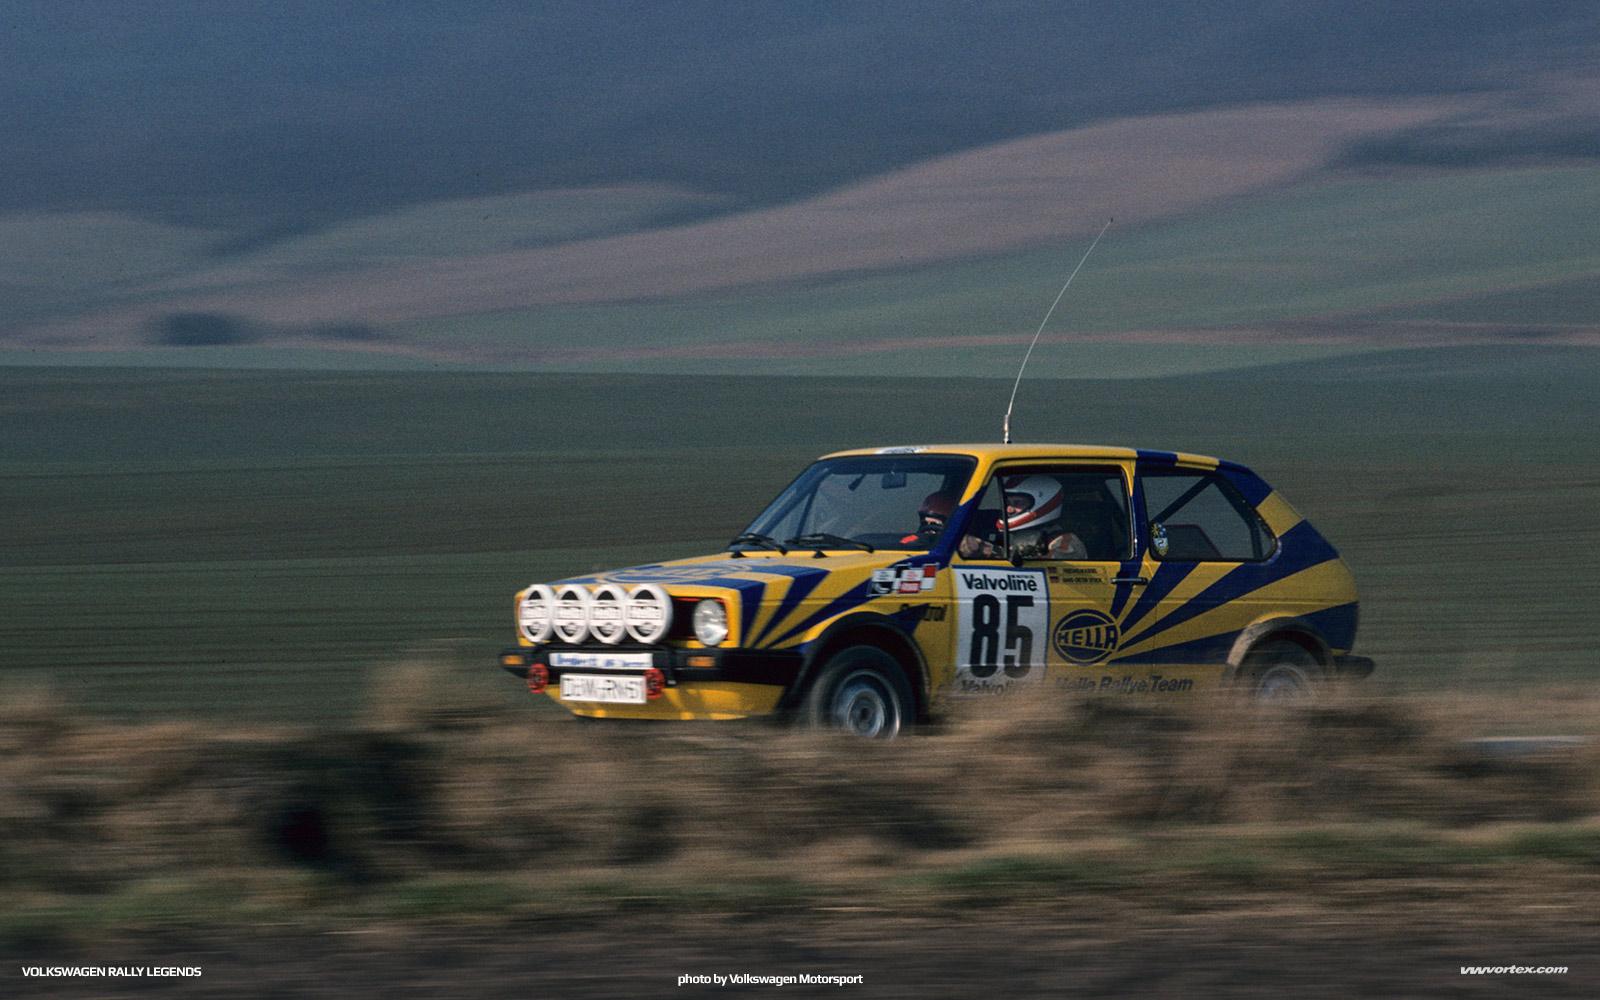 volkswagen-rally-legends-380